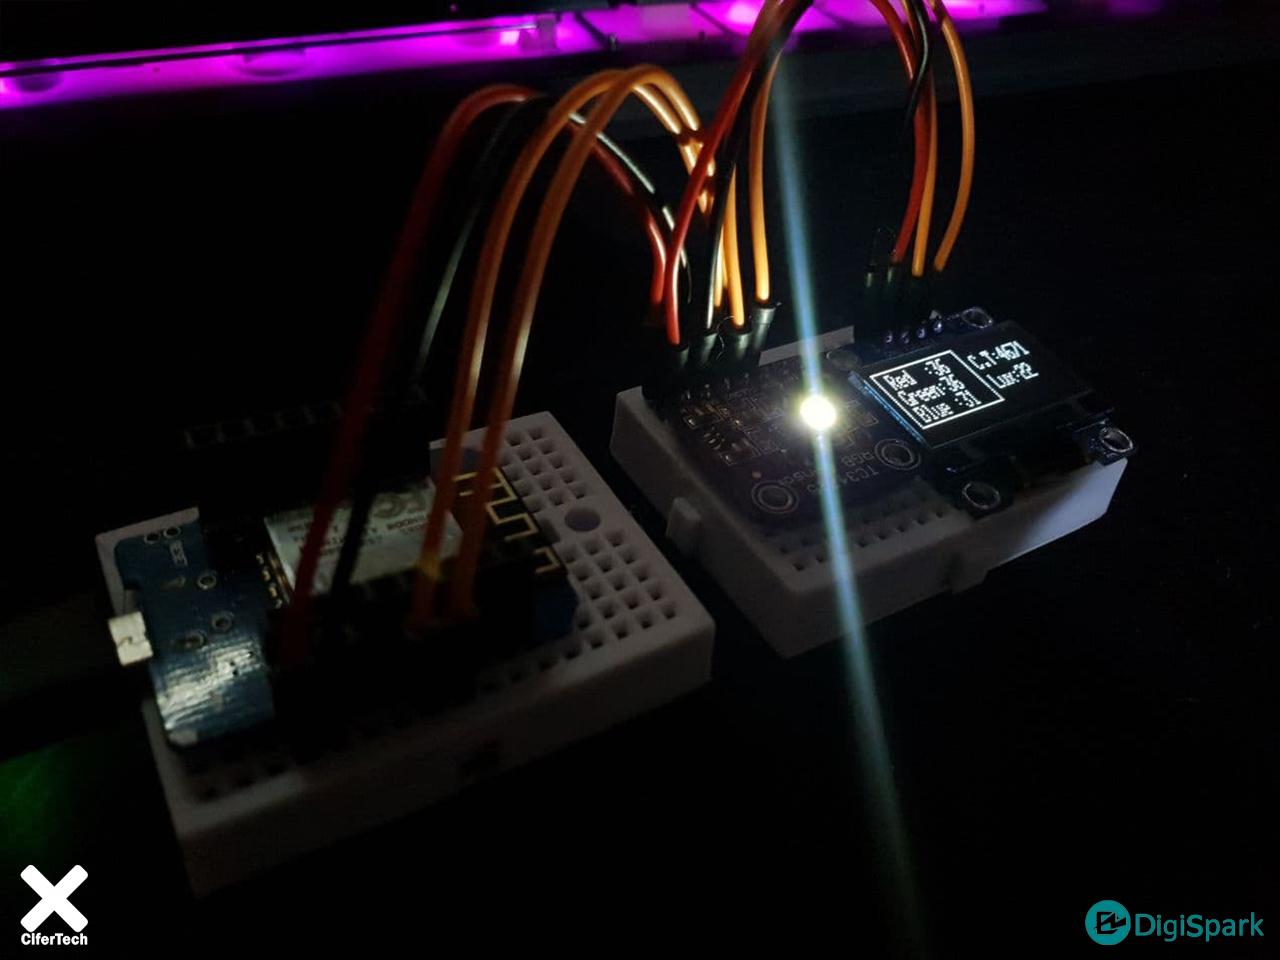 راه اندازی سنسور تشخیص رنگ TC34725 با آردوینو - دیجی اسپارک